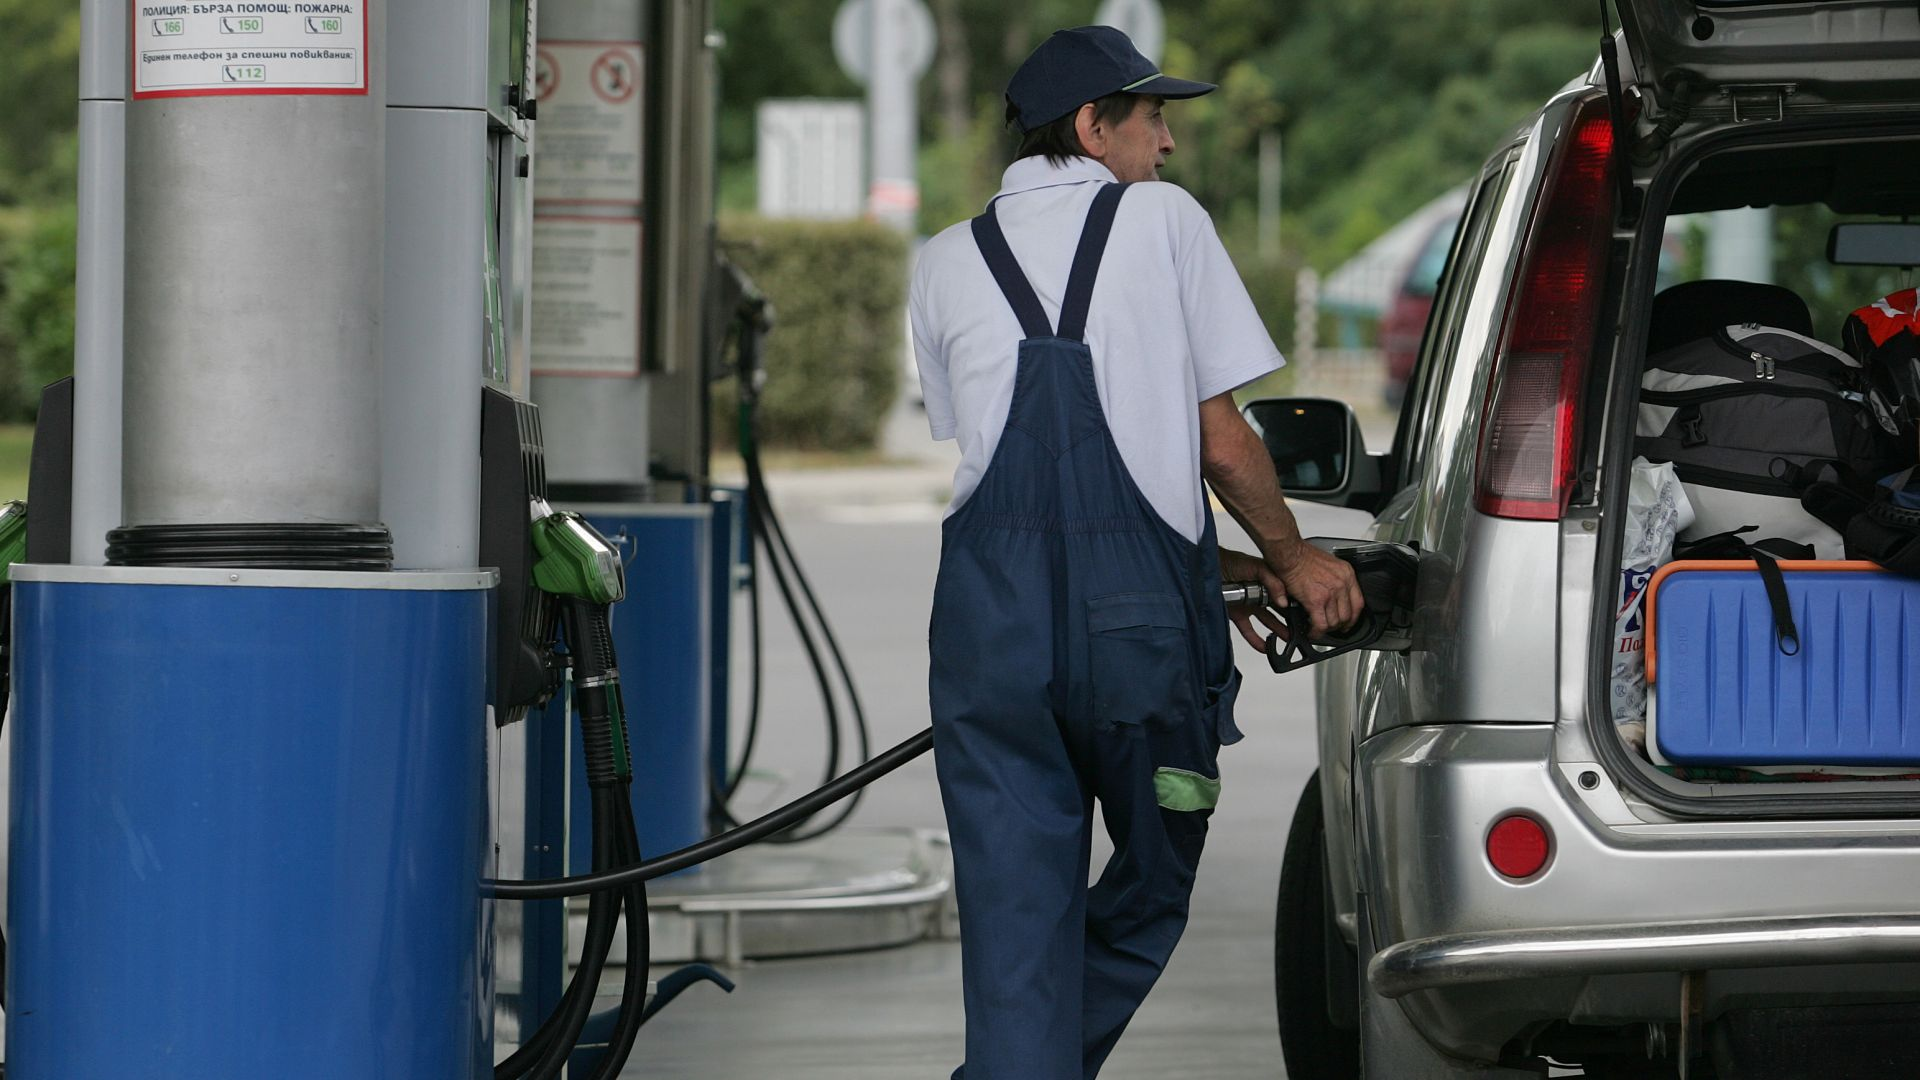 Социална дистанция в бензиностанциите, може да се затворят тоалетните